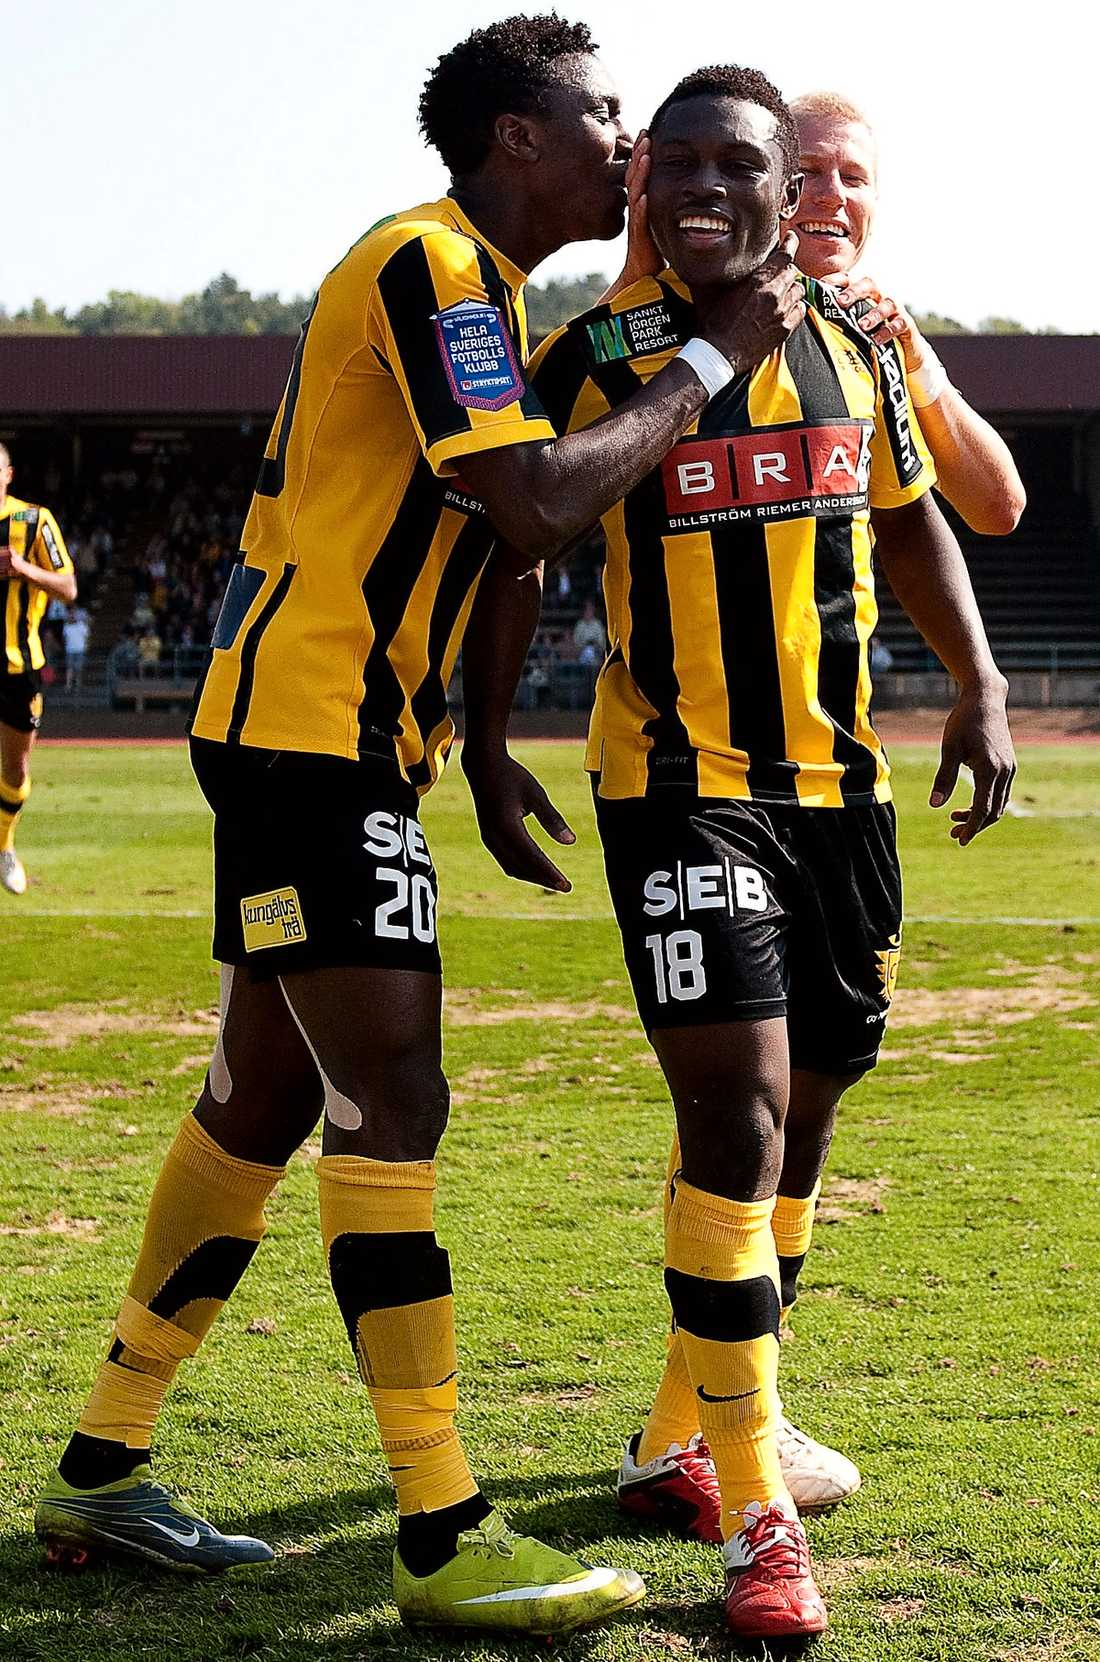 Måljubel Majeed Waris gjorde sitt första mål i allsvenskan när han satte 3–0 för Häcken.